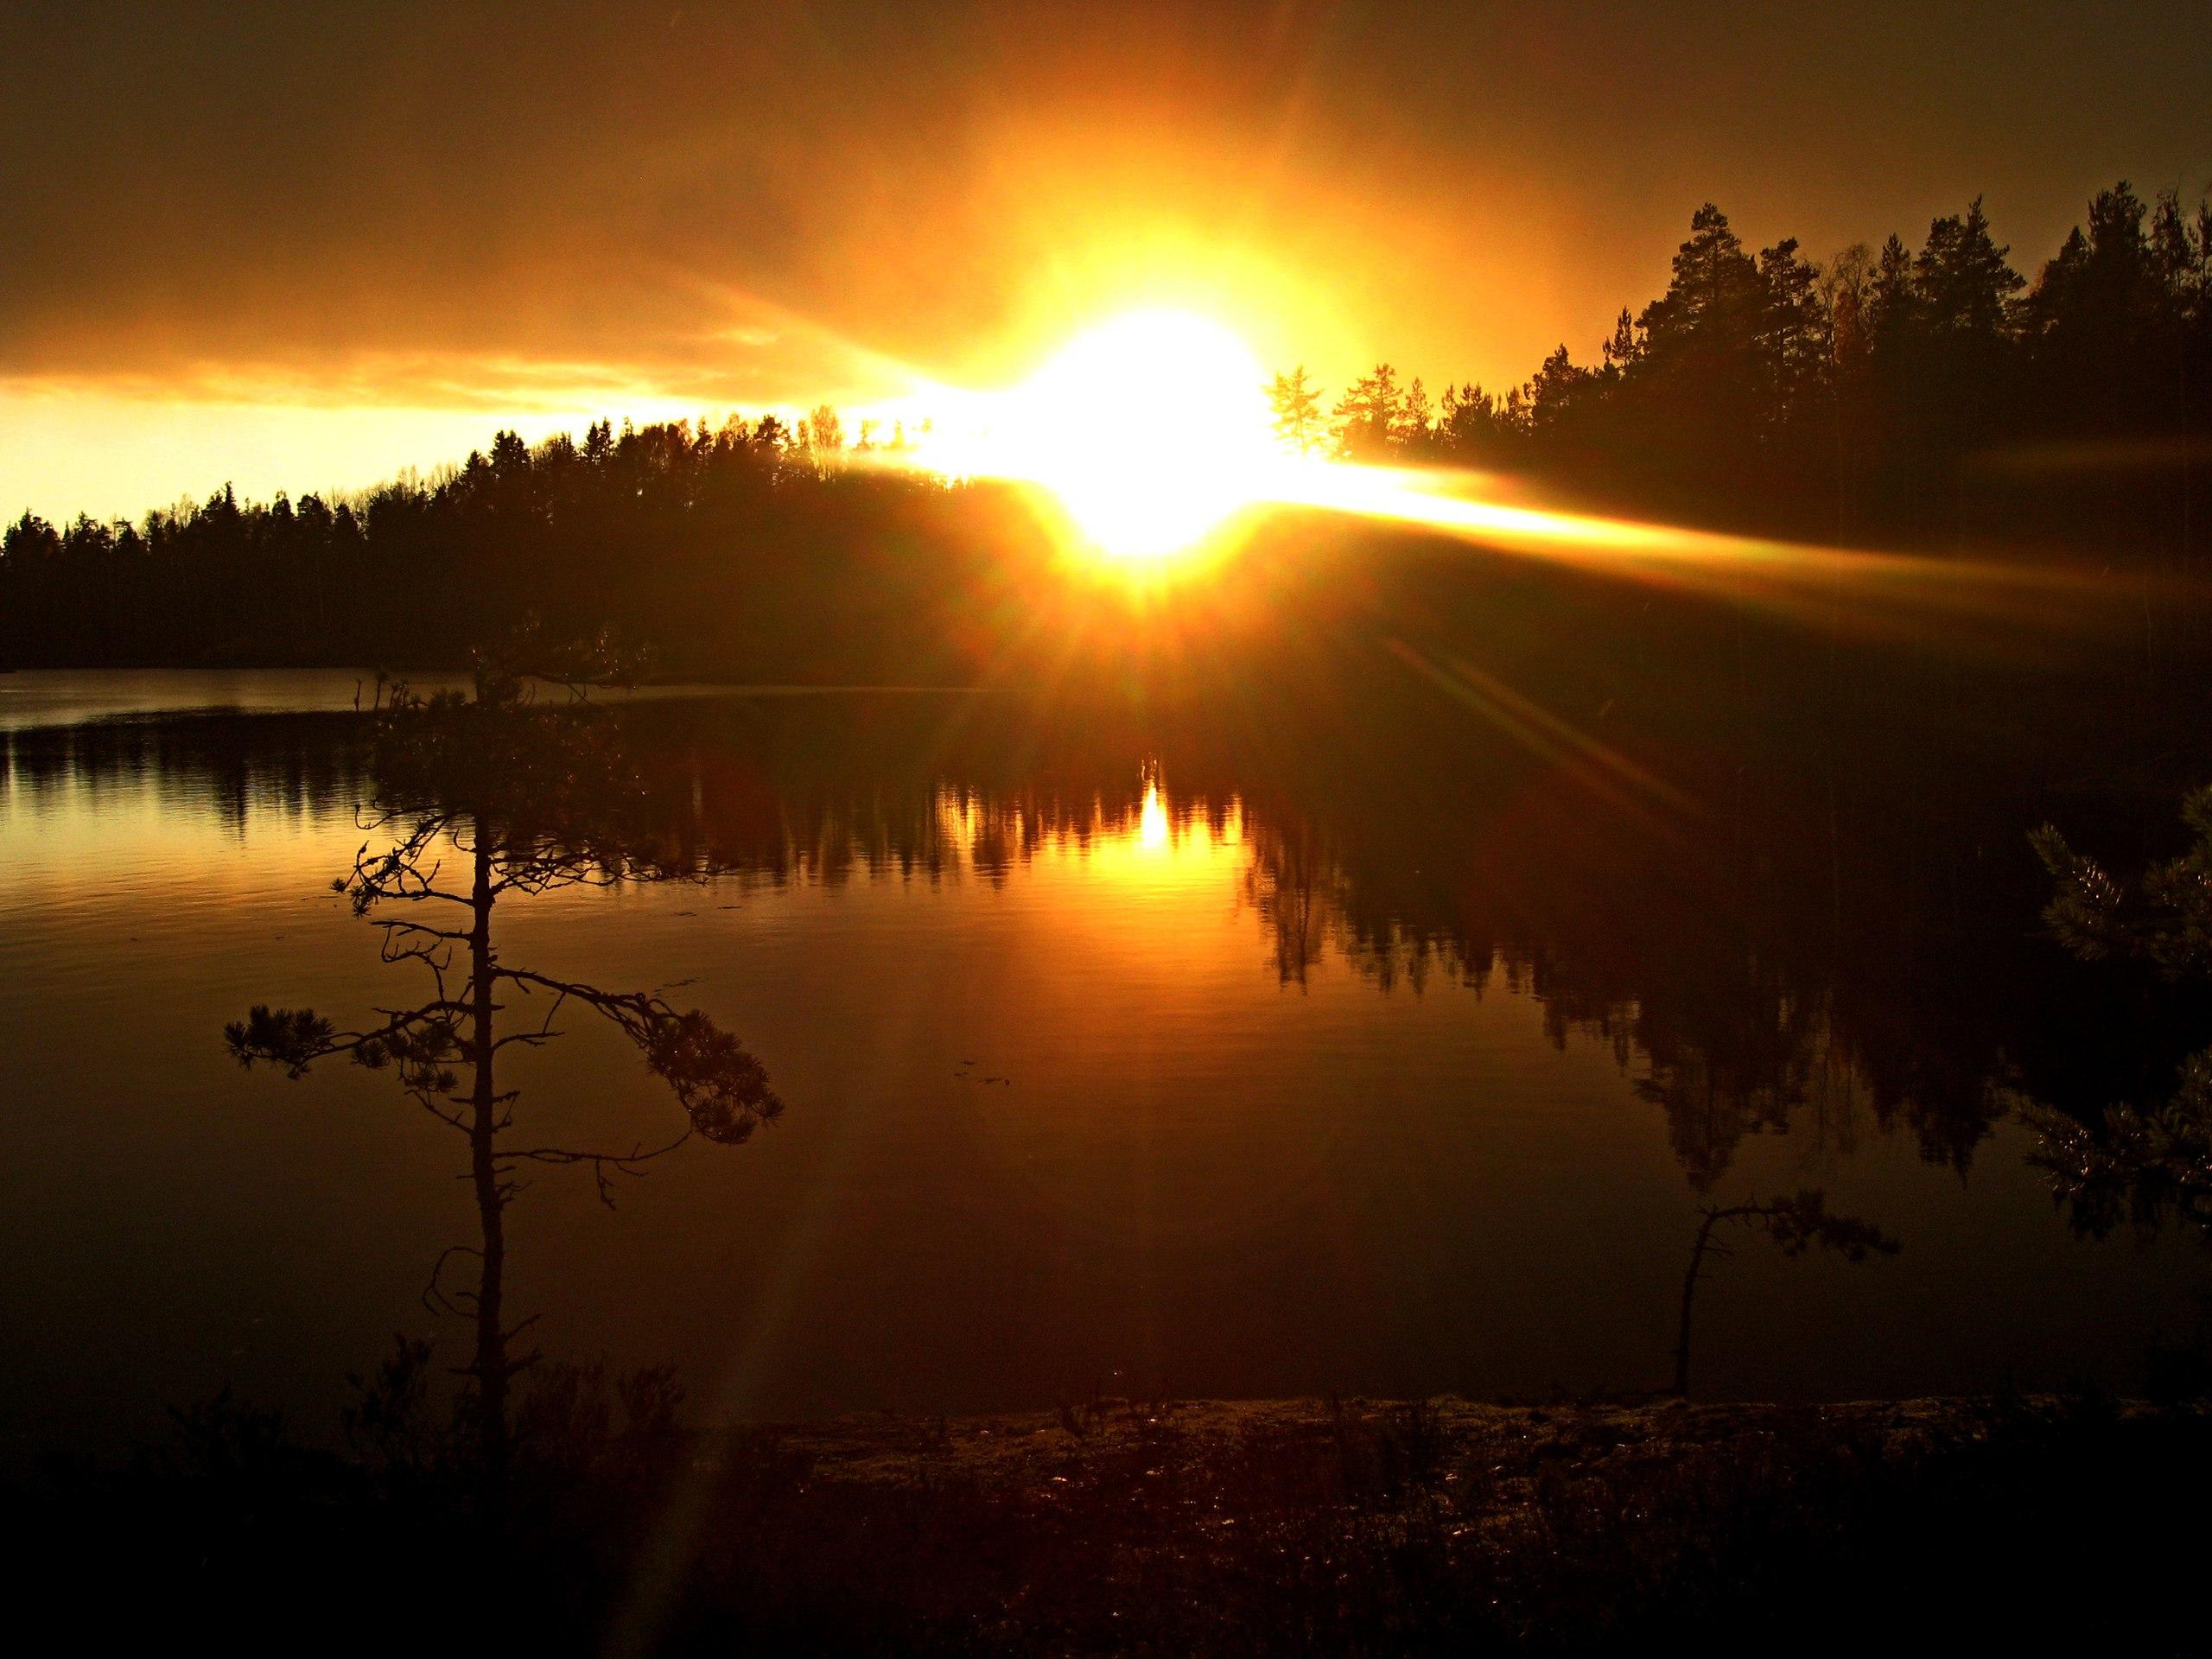 картинка солнечного вечера всё изменилось после